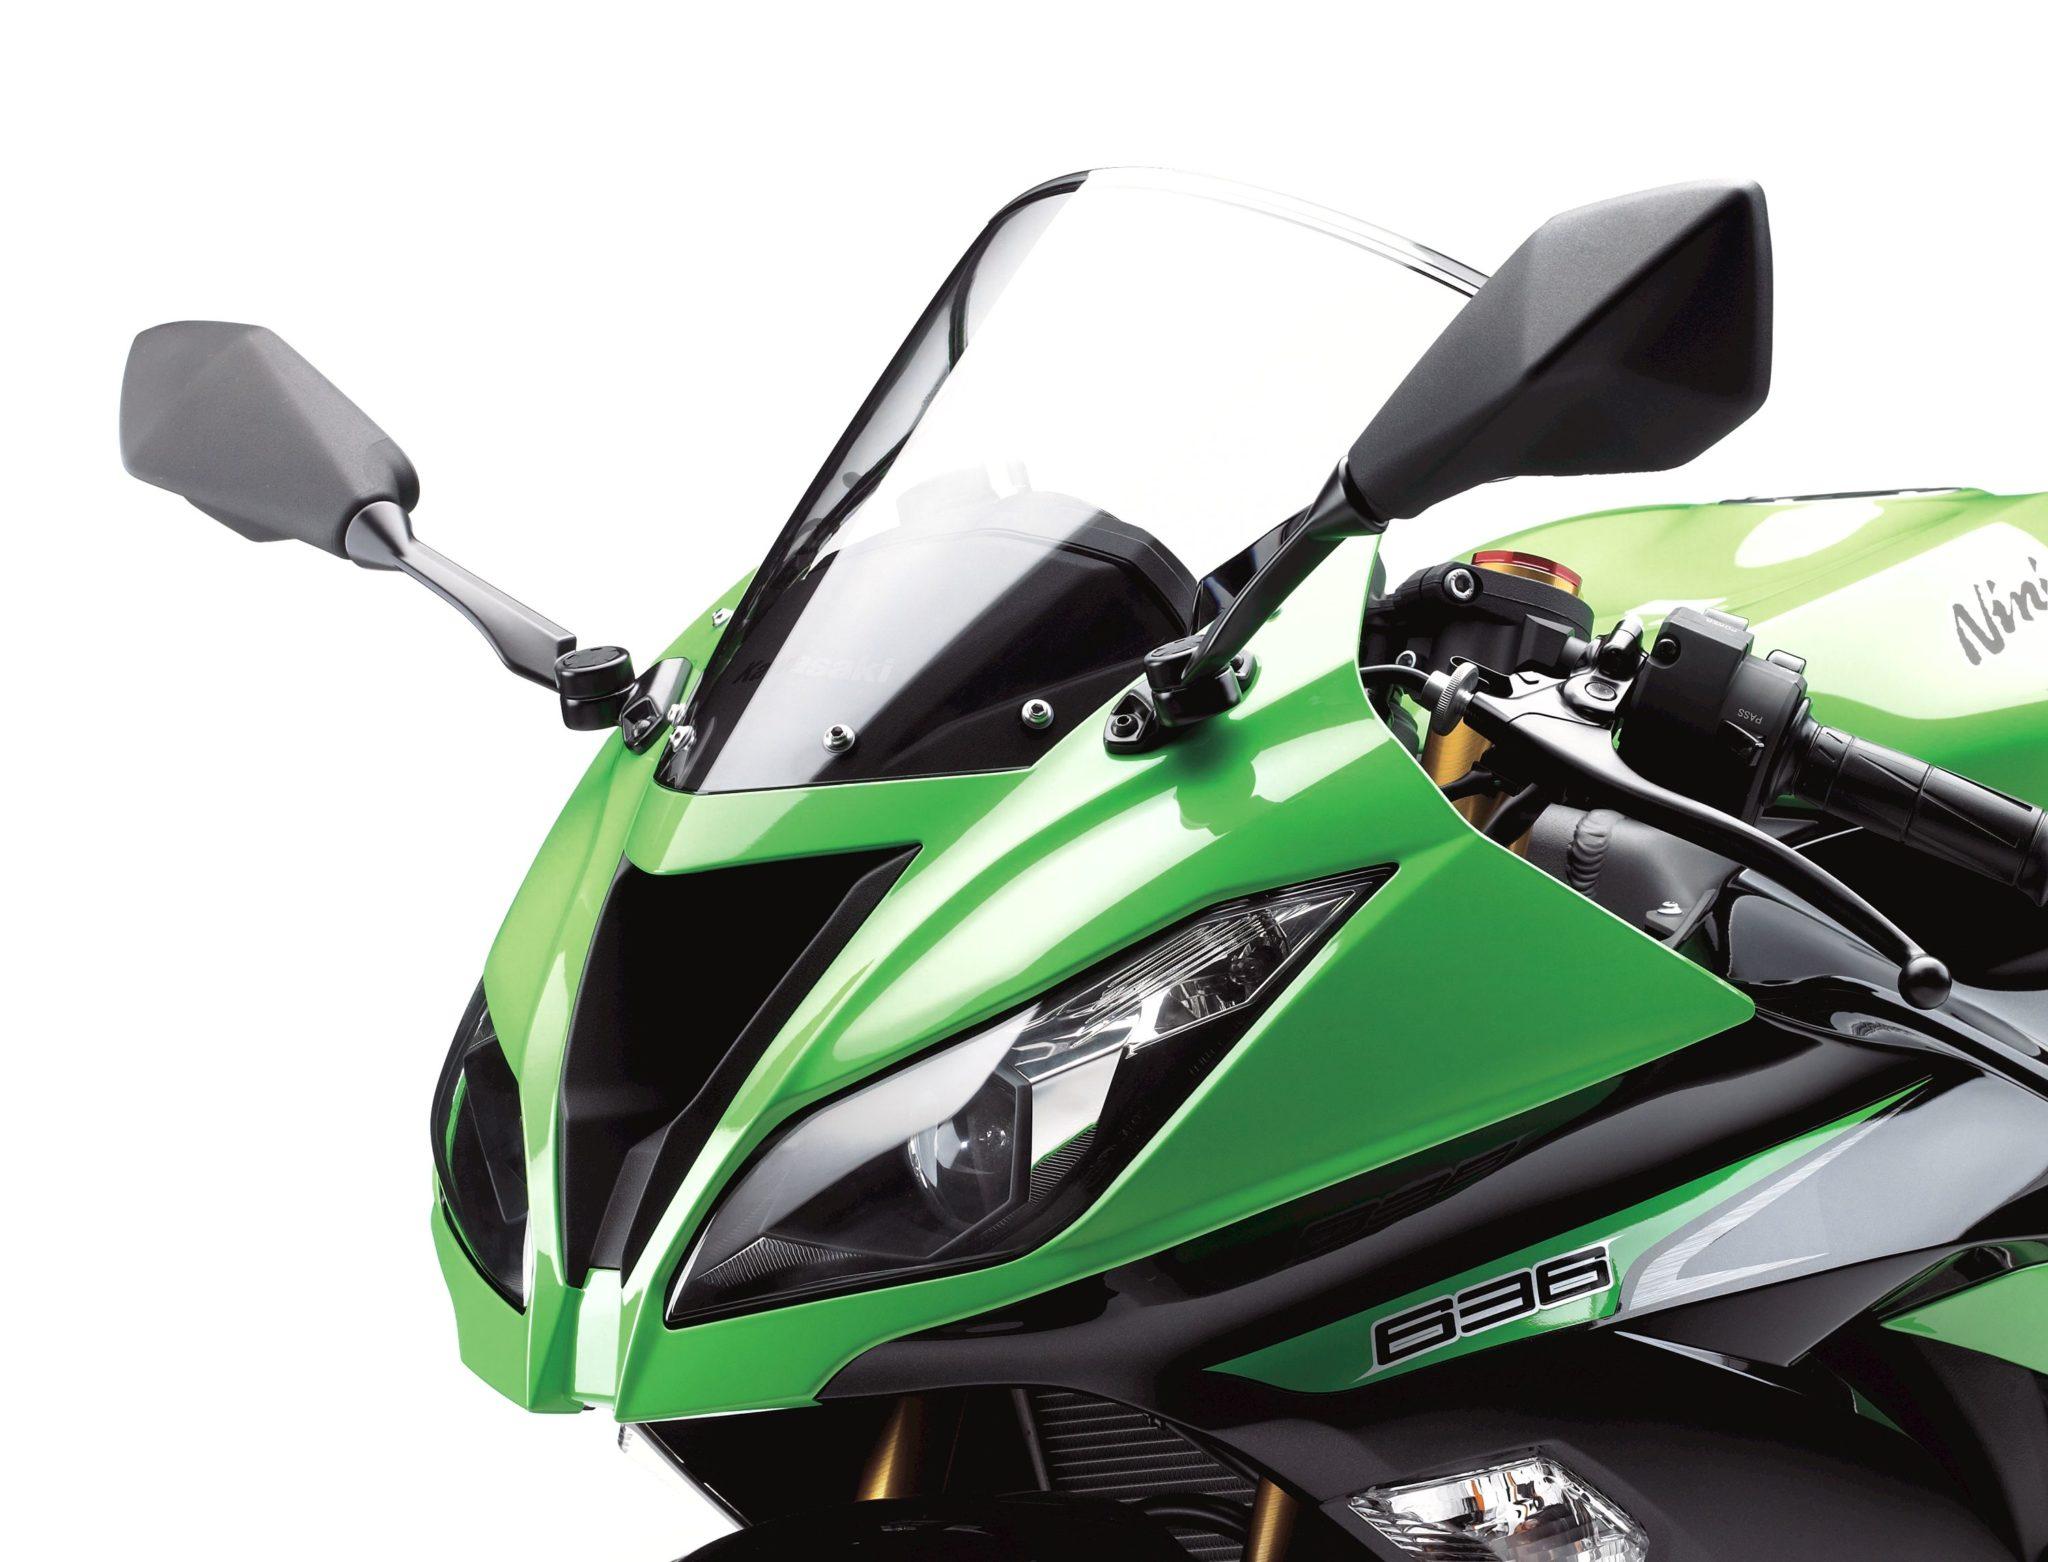 Kawasaki Ninja ZX-6R: first details emerge!